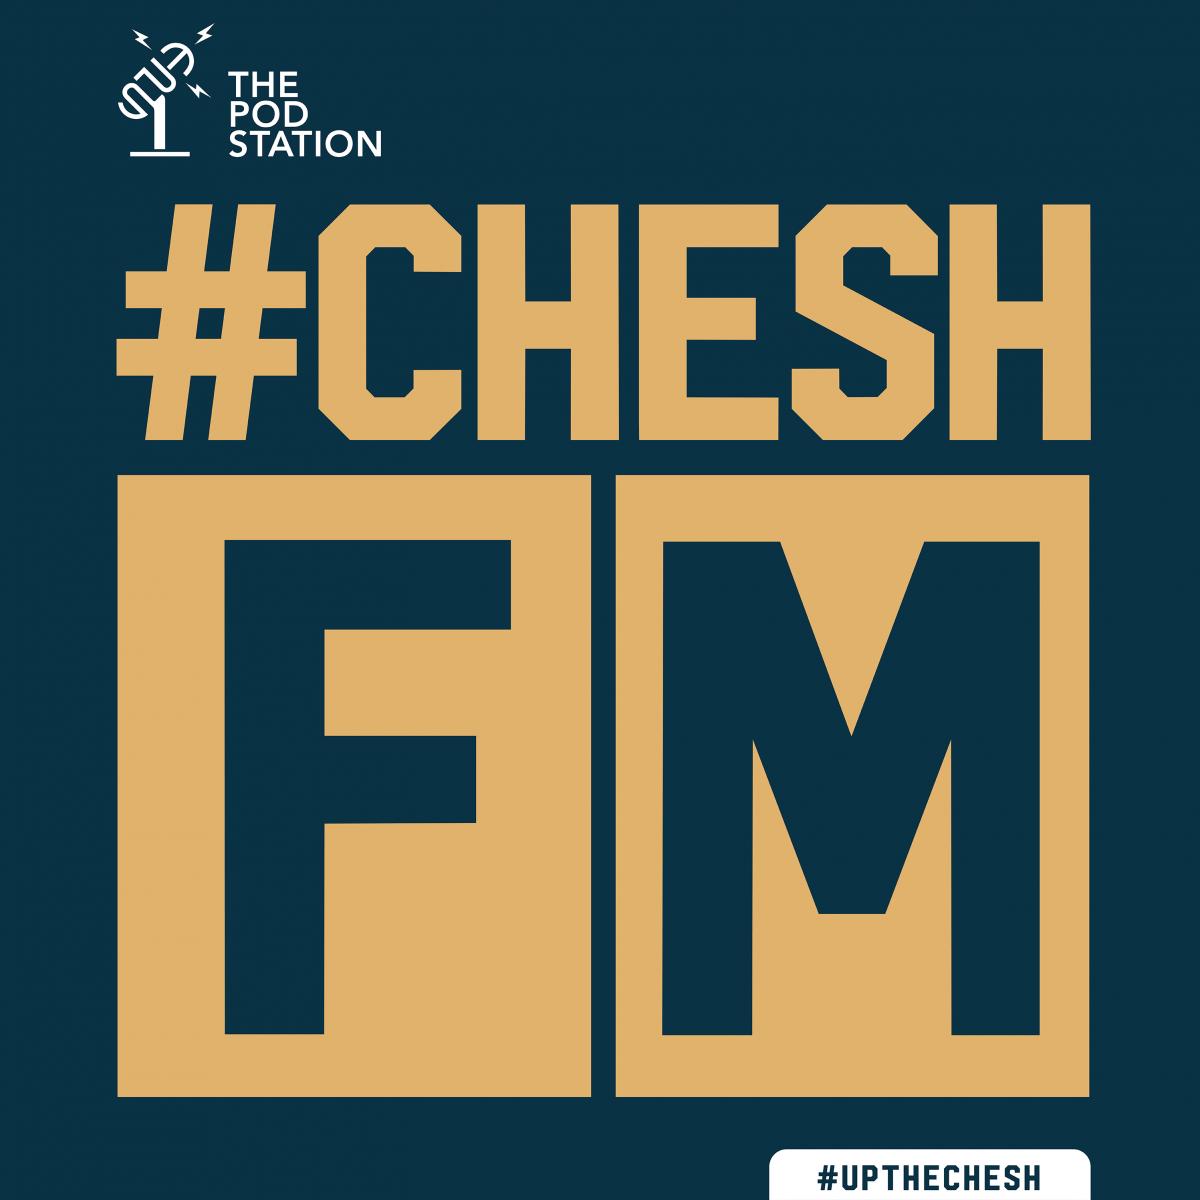 #cheshfm #cheshfm (3000x3000px)